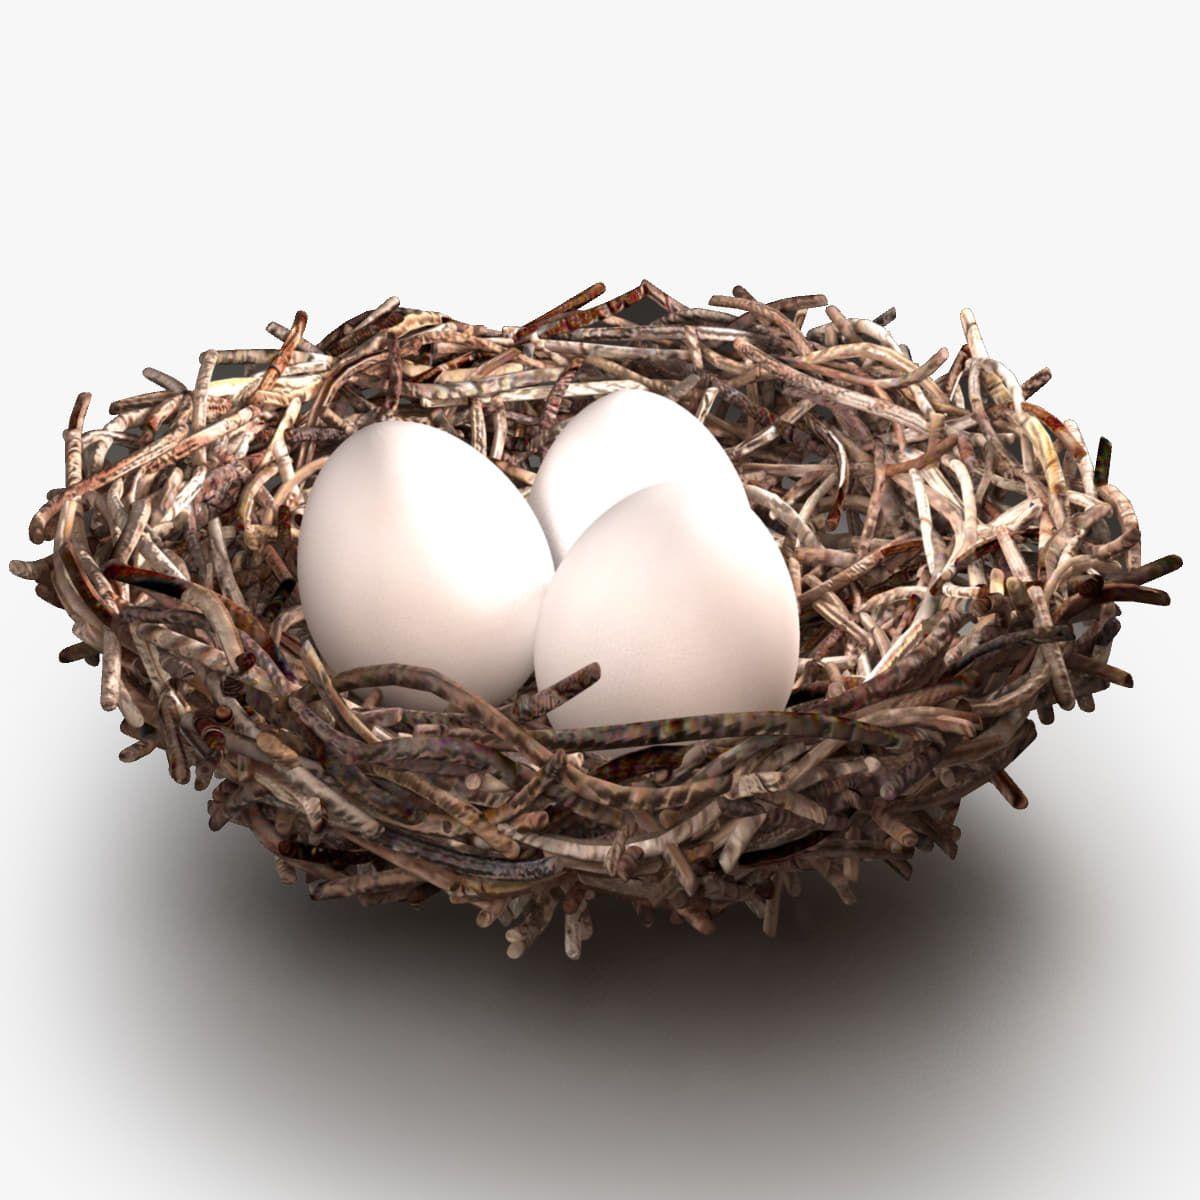 Bird Nest Max - 3D Model | 3D-Modeling | Pinterest | Nest, 3d and Bird